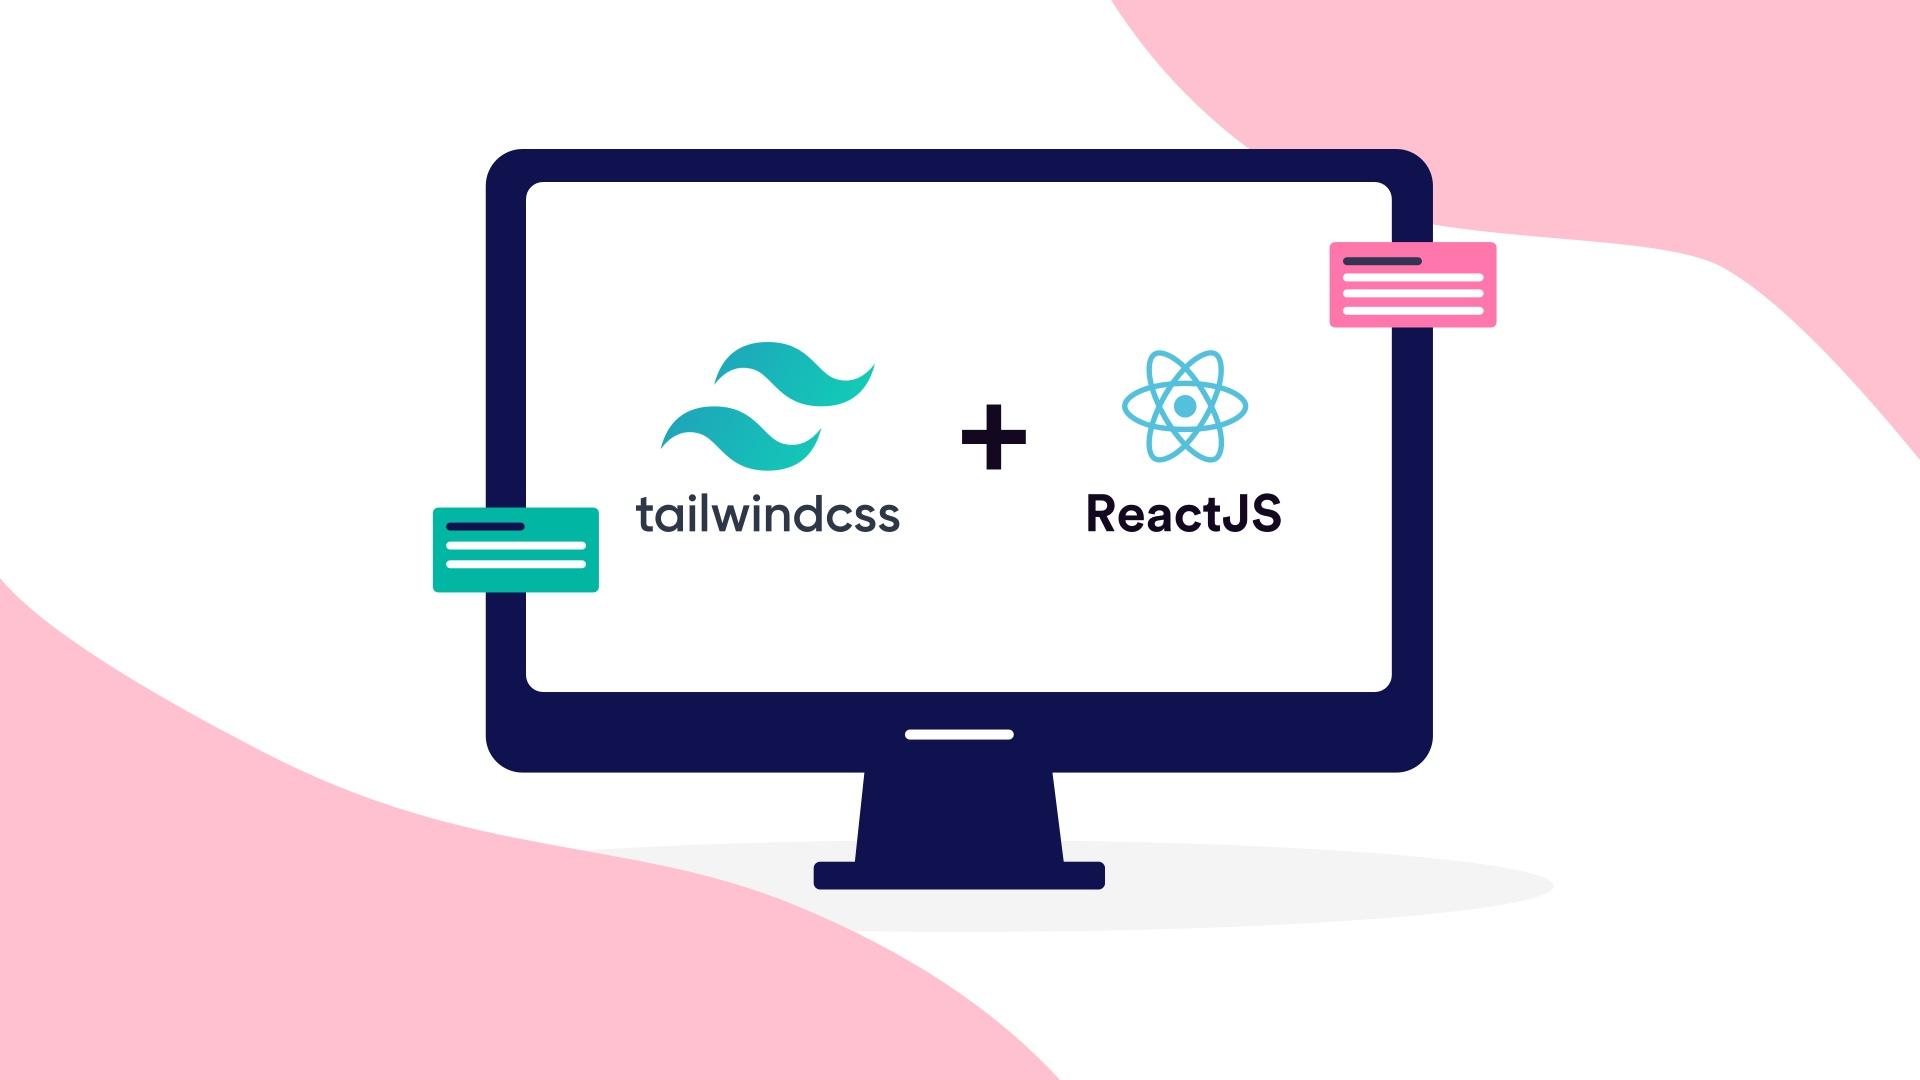 How Designer Can Start TailwindCSS with ReactJS